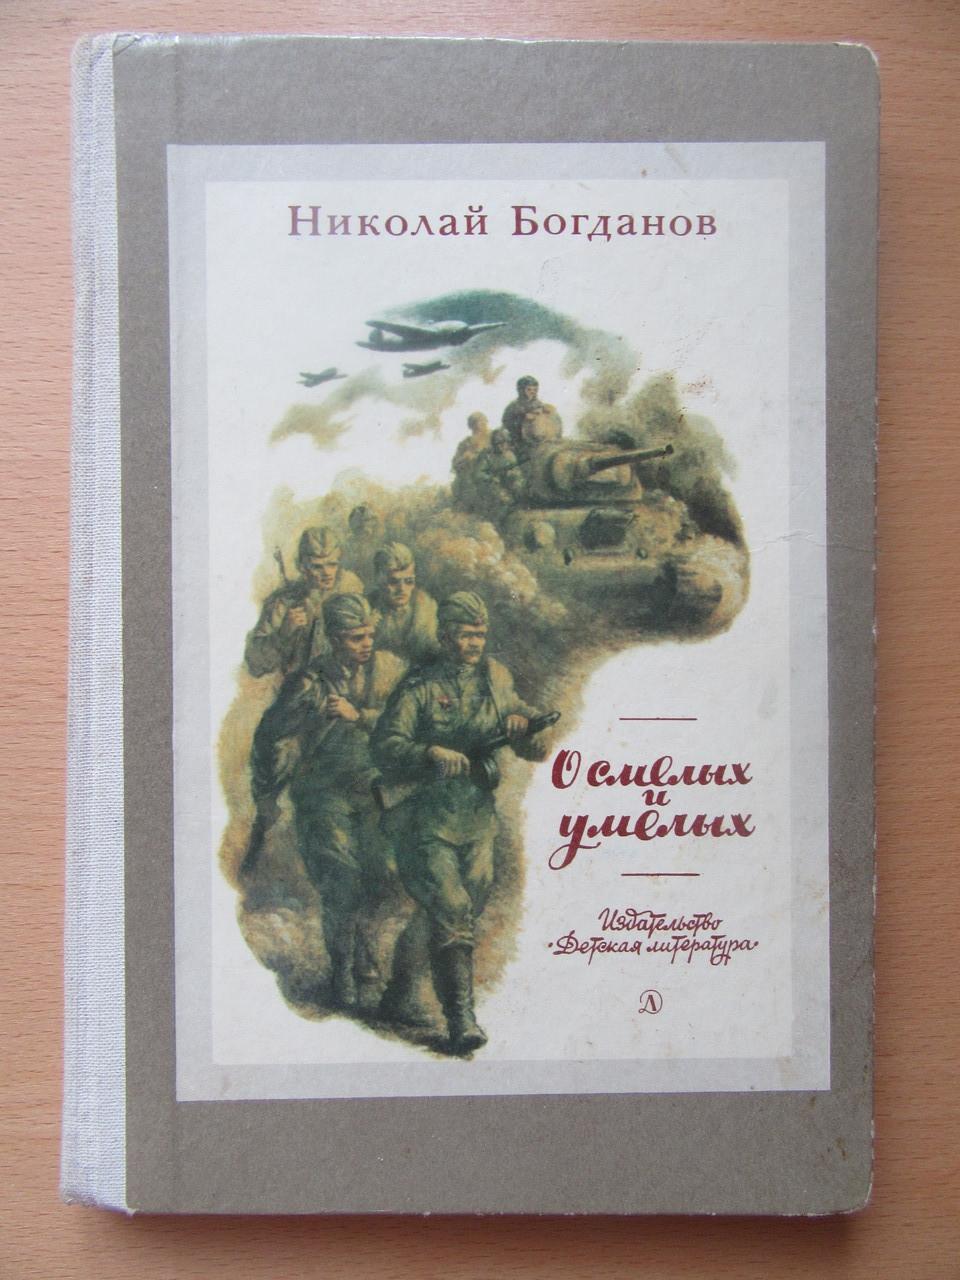 Николай Богданов. О смелых и умелых